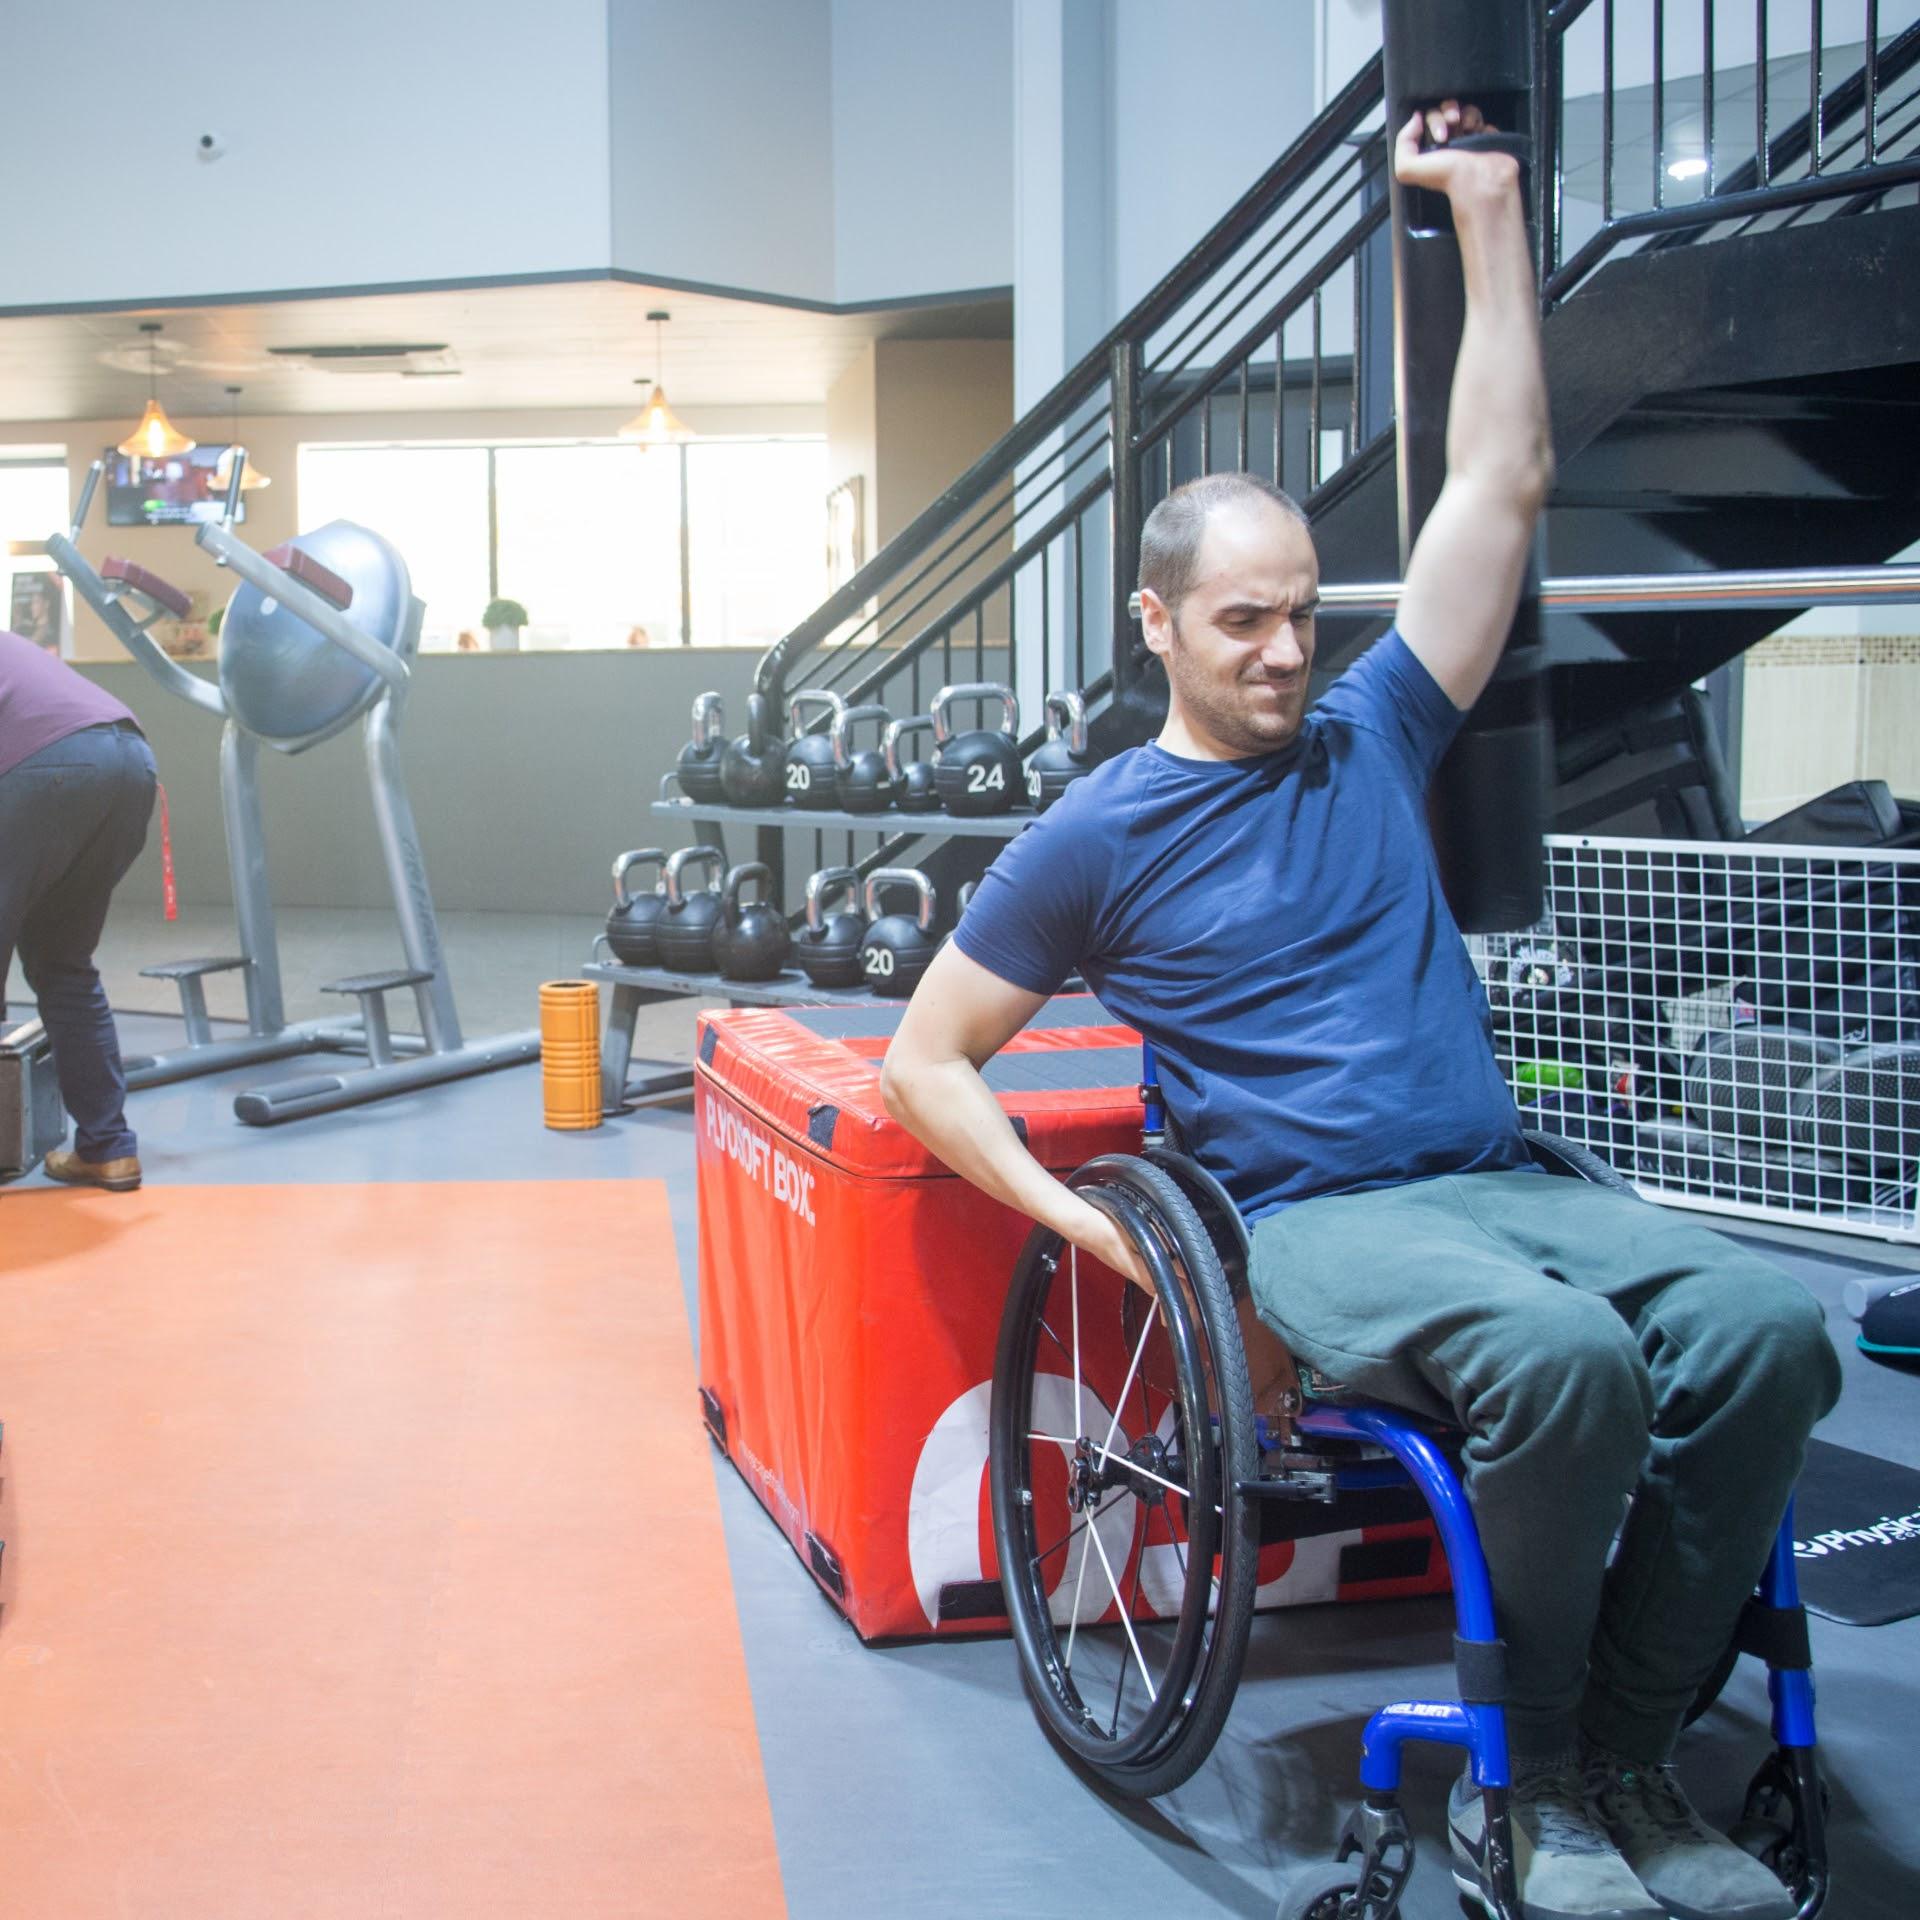 Ben Clark, tetraplegic swimmer, practices strength training at the gym for his 10km tetraplegic swim